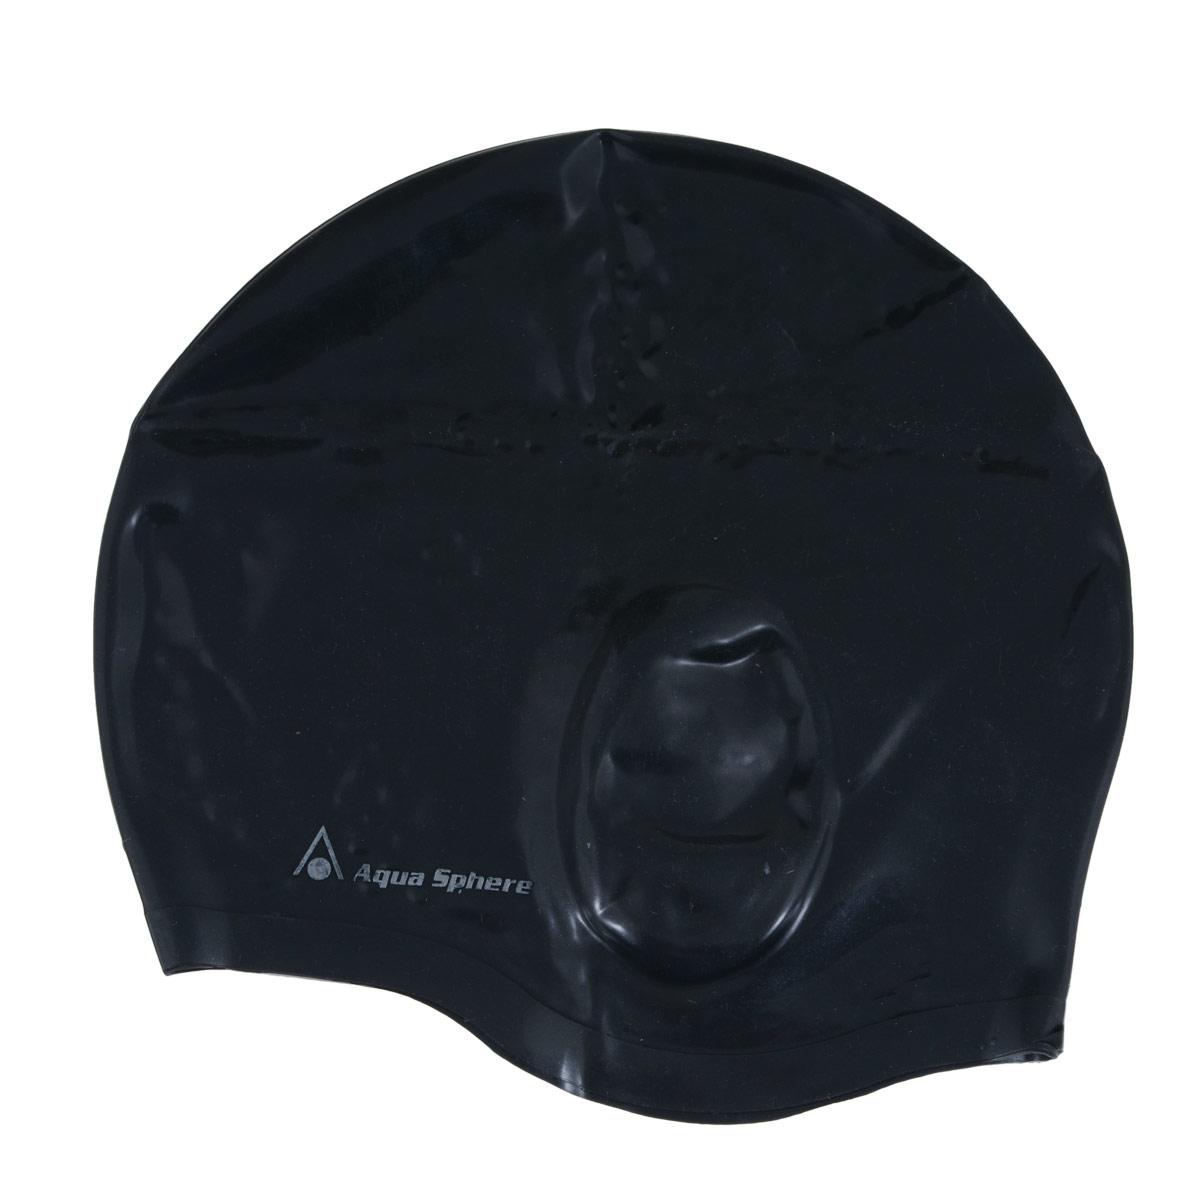 Шапочка для плавания Aqua Sphere Aqua Glide, цвет: черный3B327Анатомическая силиконовая шапочка Aqua Sphere Aqua Glide выполнена из высококачественного гипоаллергенного силикона. Специальные ушные карманы уменьшают давление шапочки на уши и предотвращают ее соскальзывание. Пупырчатая внутренняя поверхность также препятствует соскальзыванию. Шапочка обеспечивает 100% защиту от ультрафиолетового излучения.